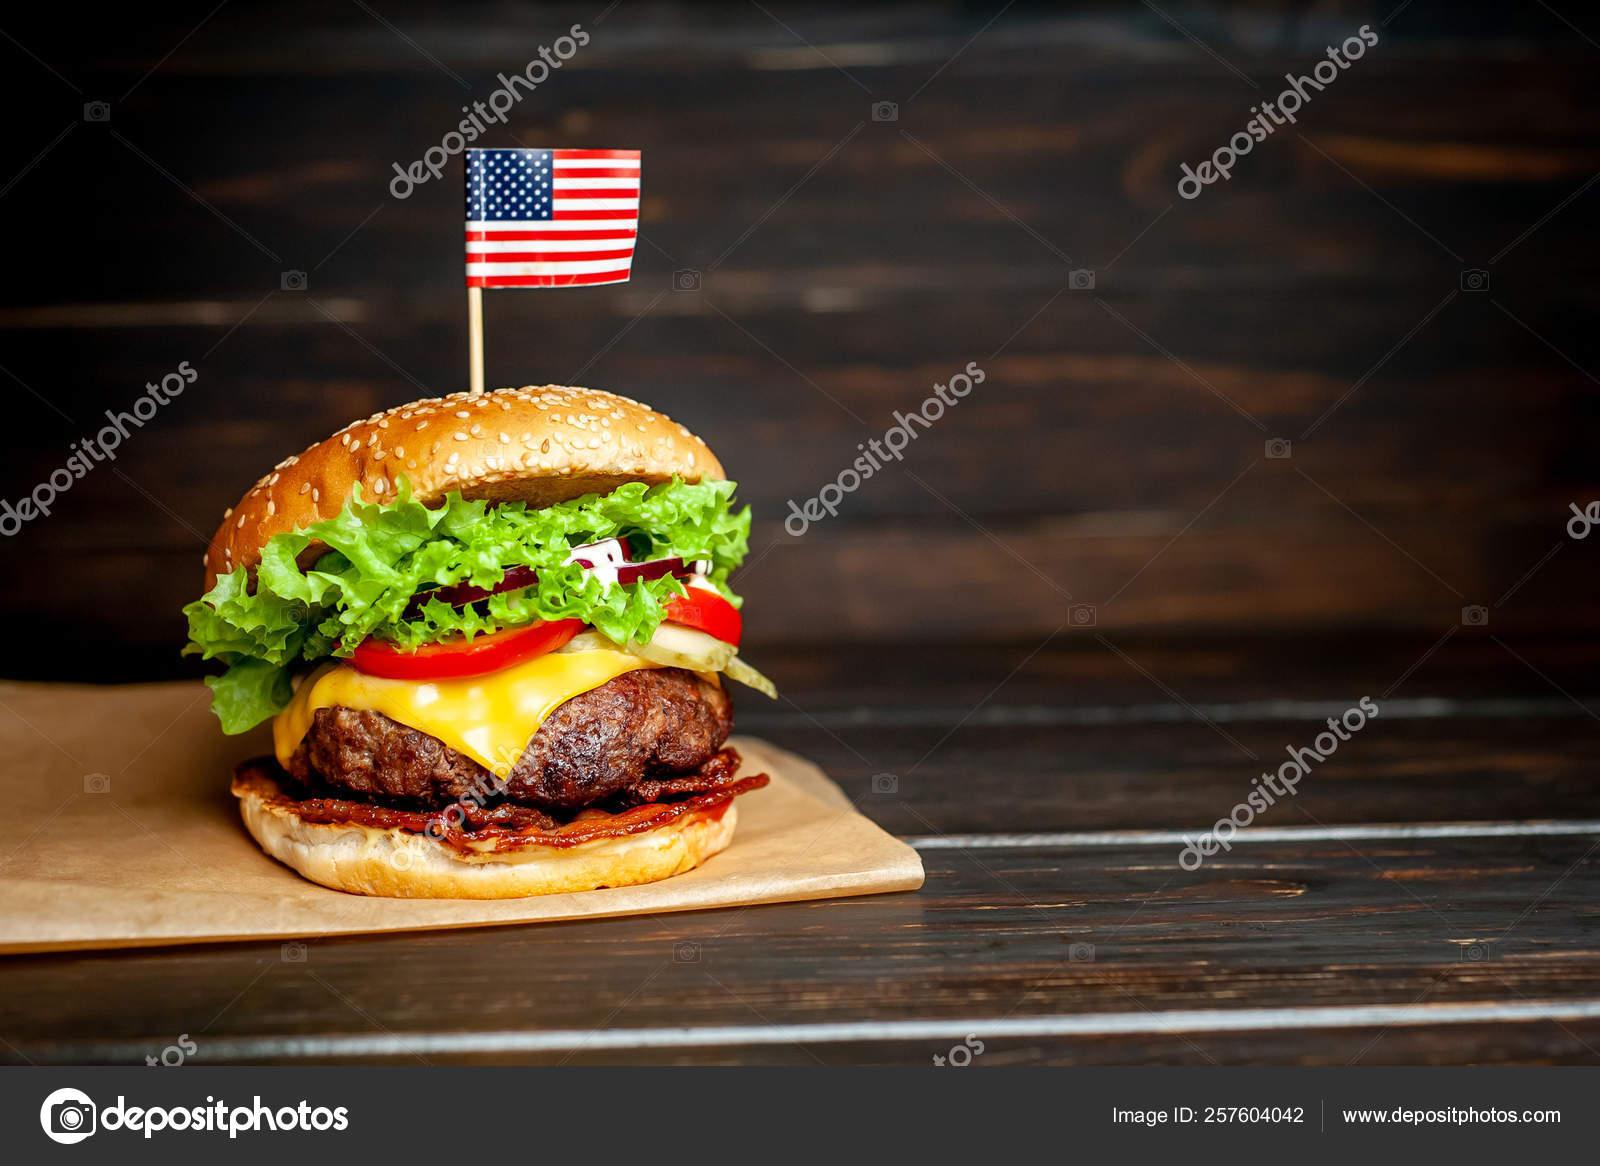 Обои котлета, Сэндвич, hamburger, Meat, Гамбургер, tomatoes, салат, булочка, Fast food, картошка фри, фастфуд, соус. Еда foto 12